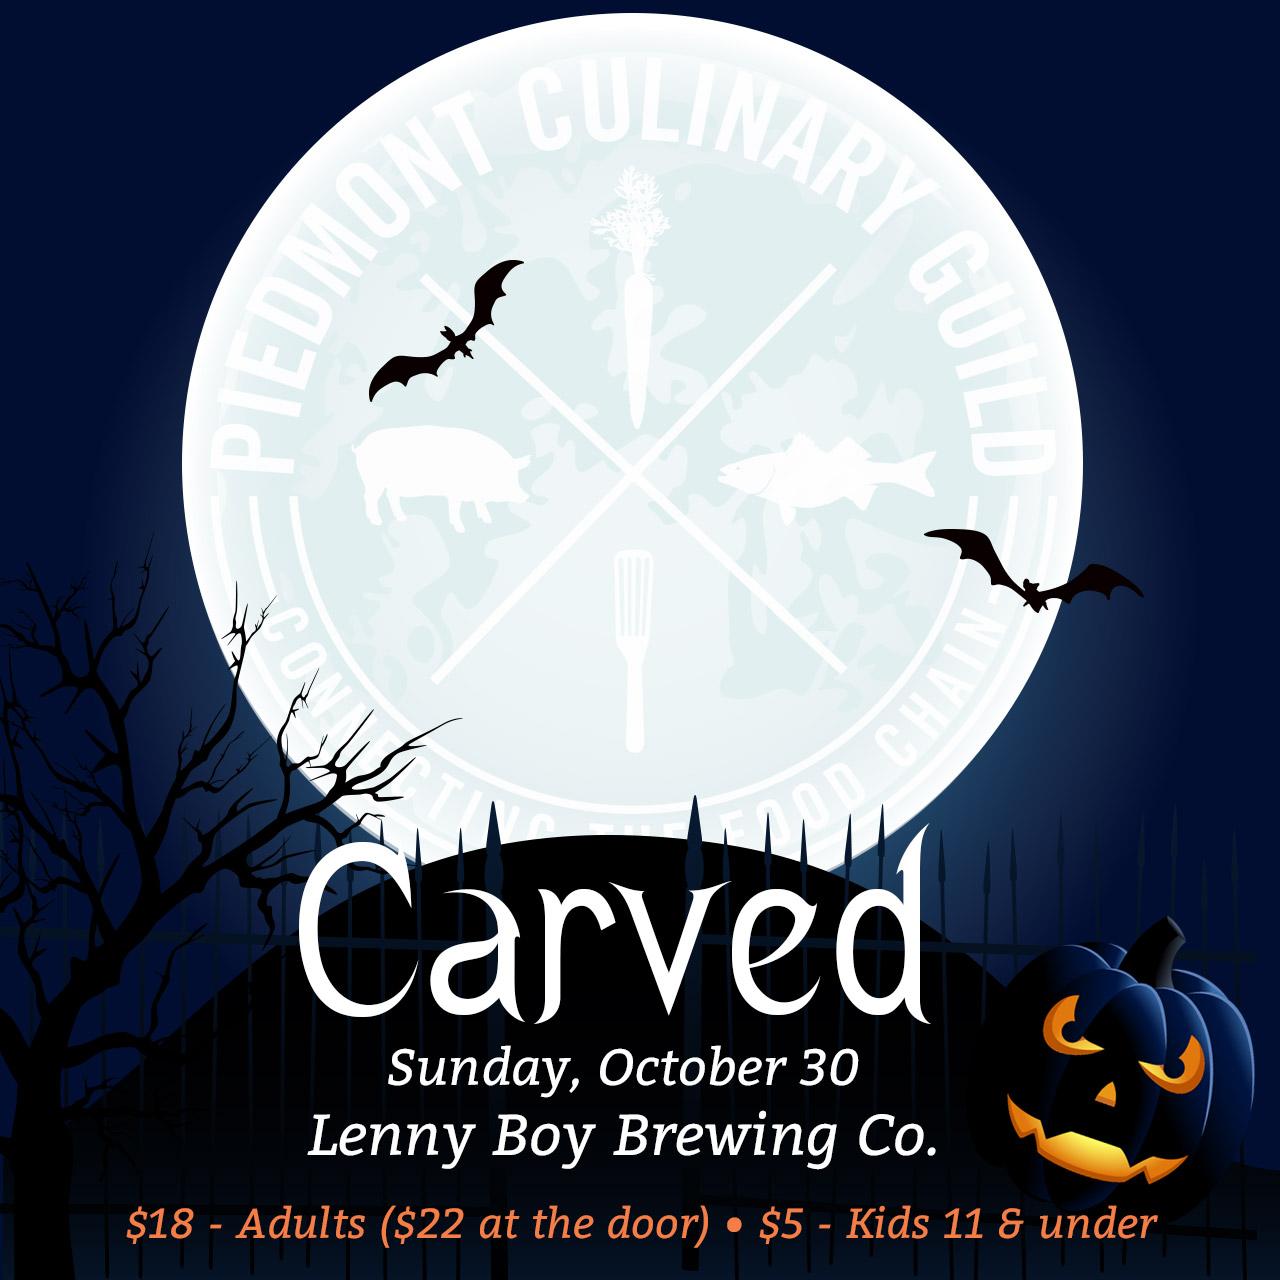 Carved 2016 - October 30